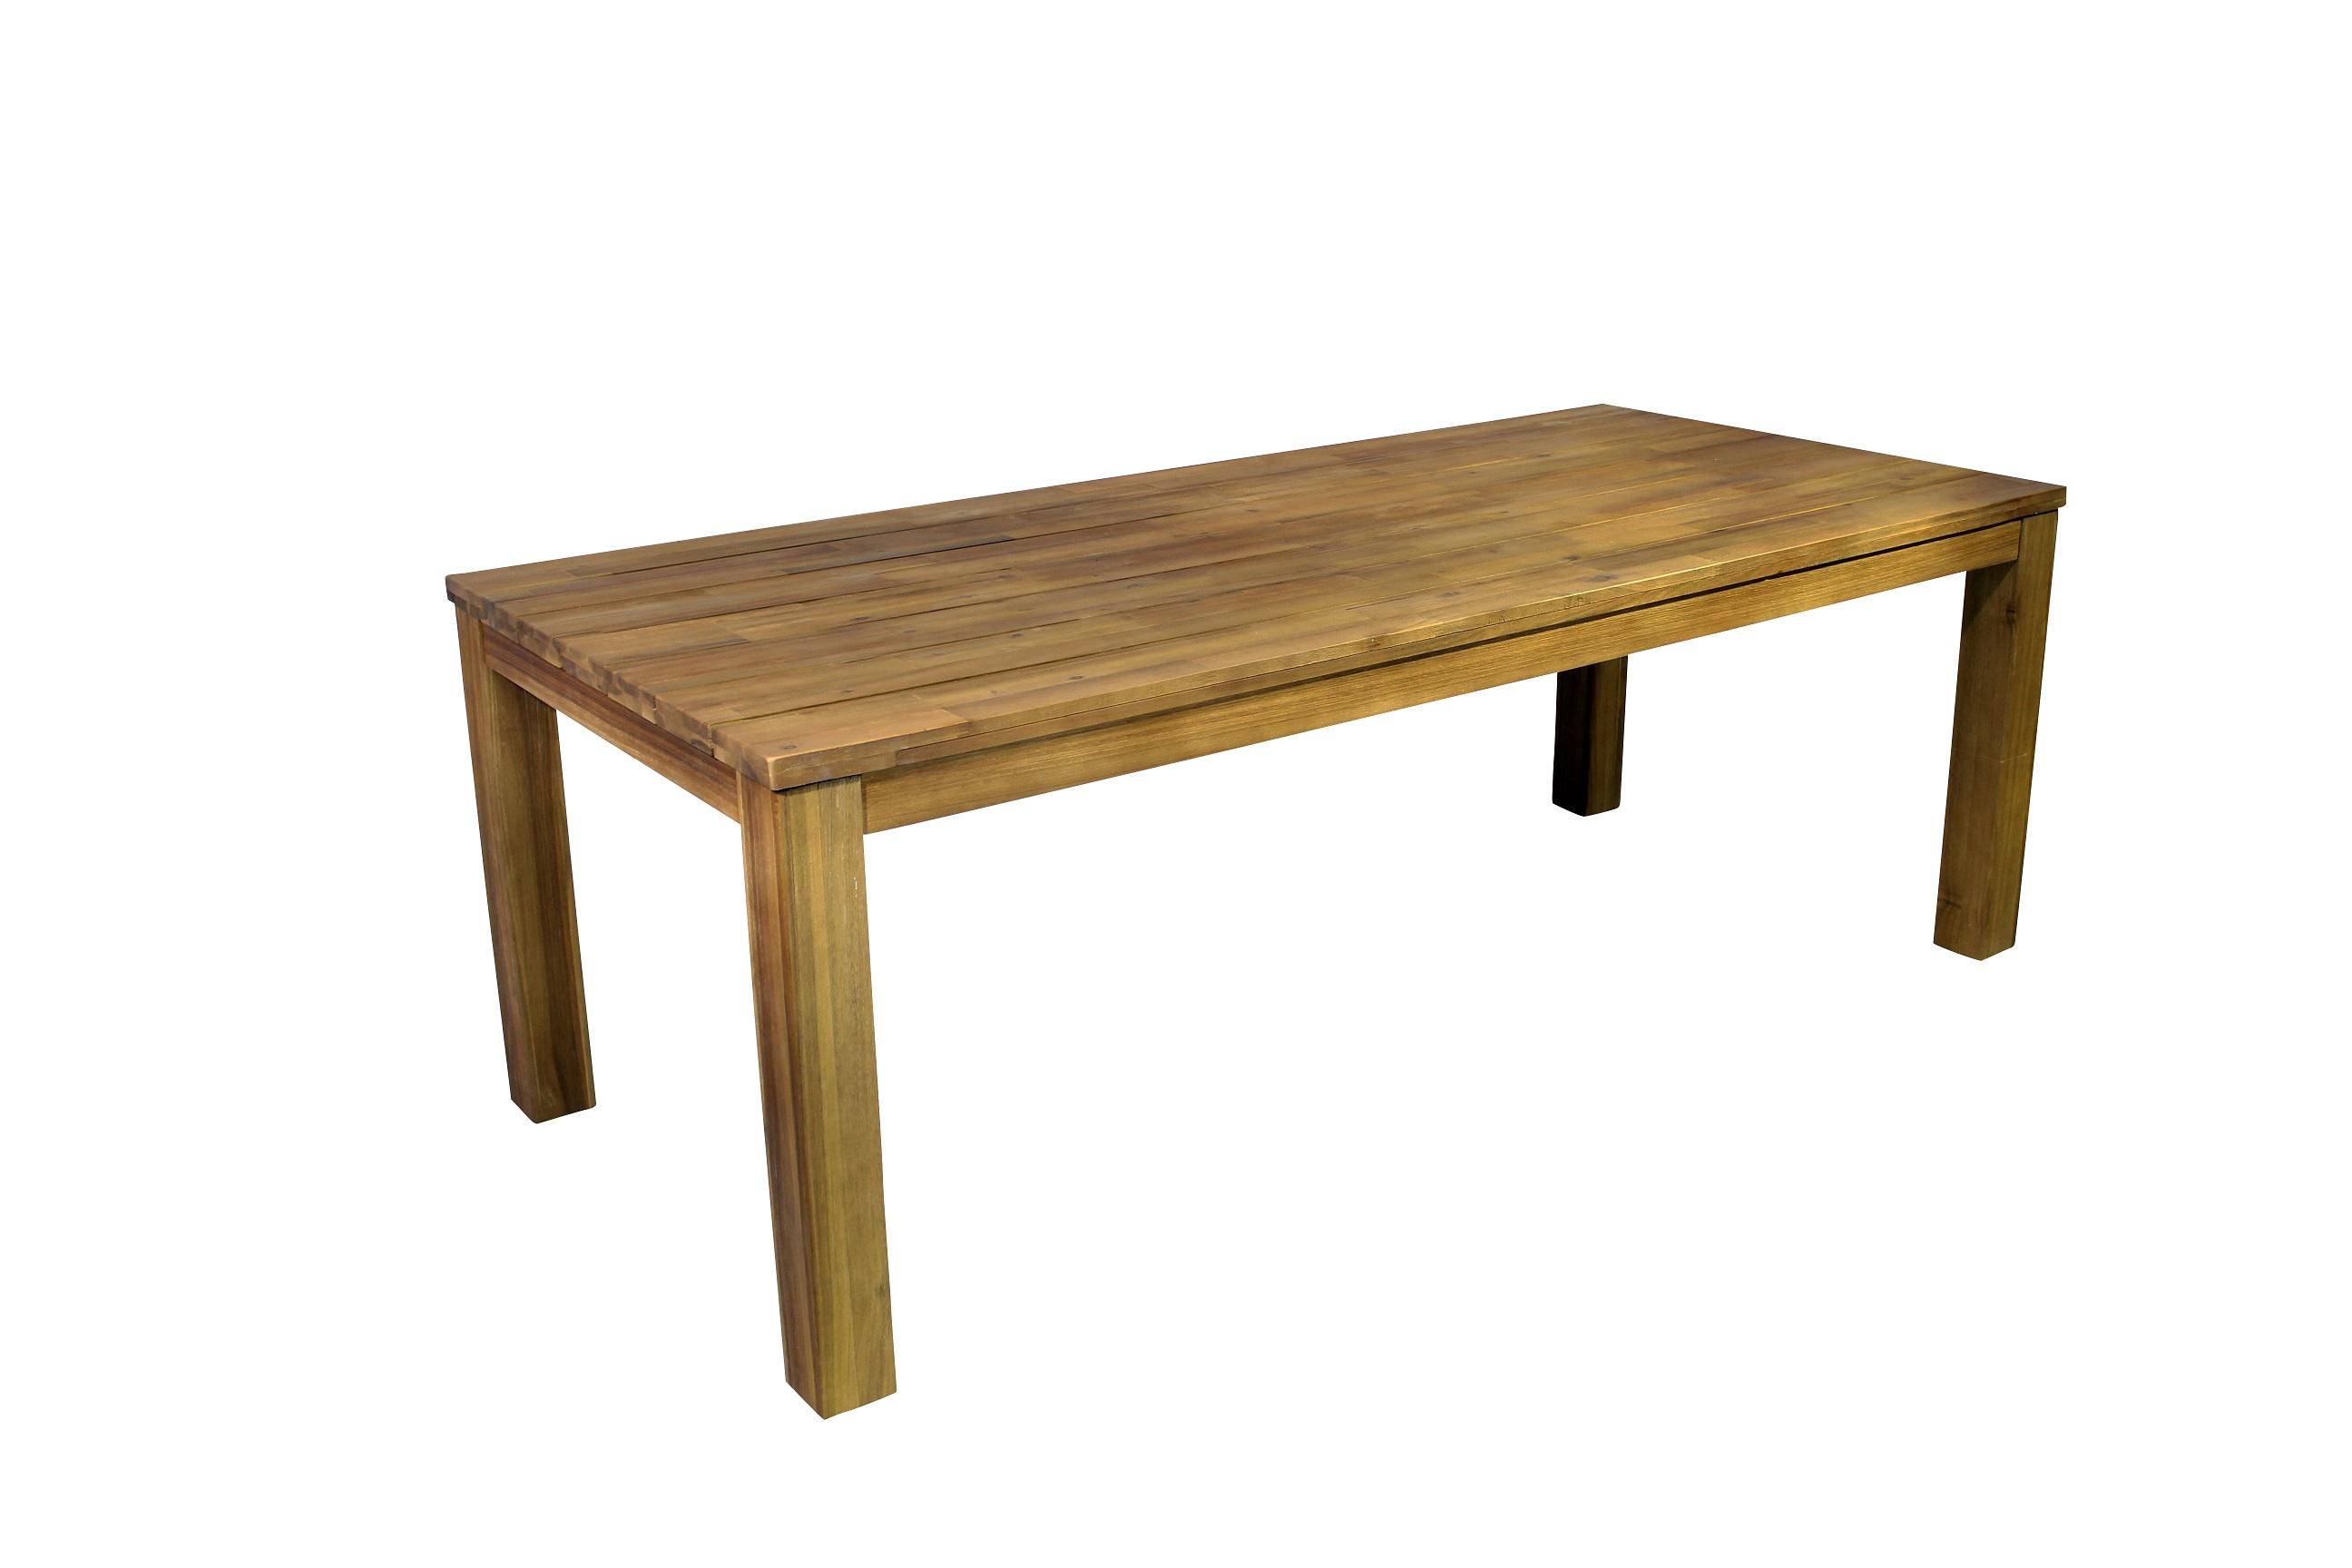 Gardissimo Loft Tisch Malte 220x100cm Akazienholz | Gartenmöbel ...